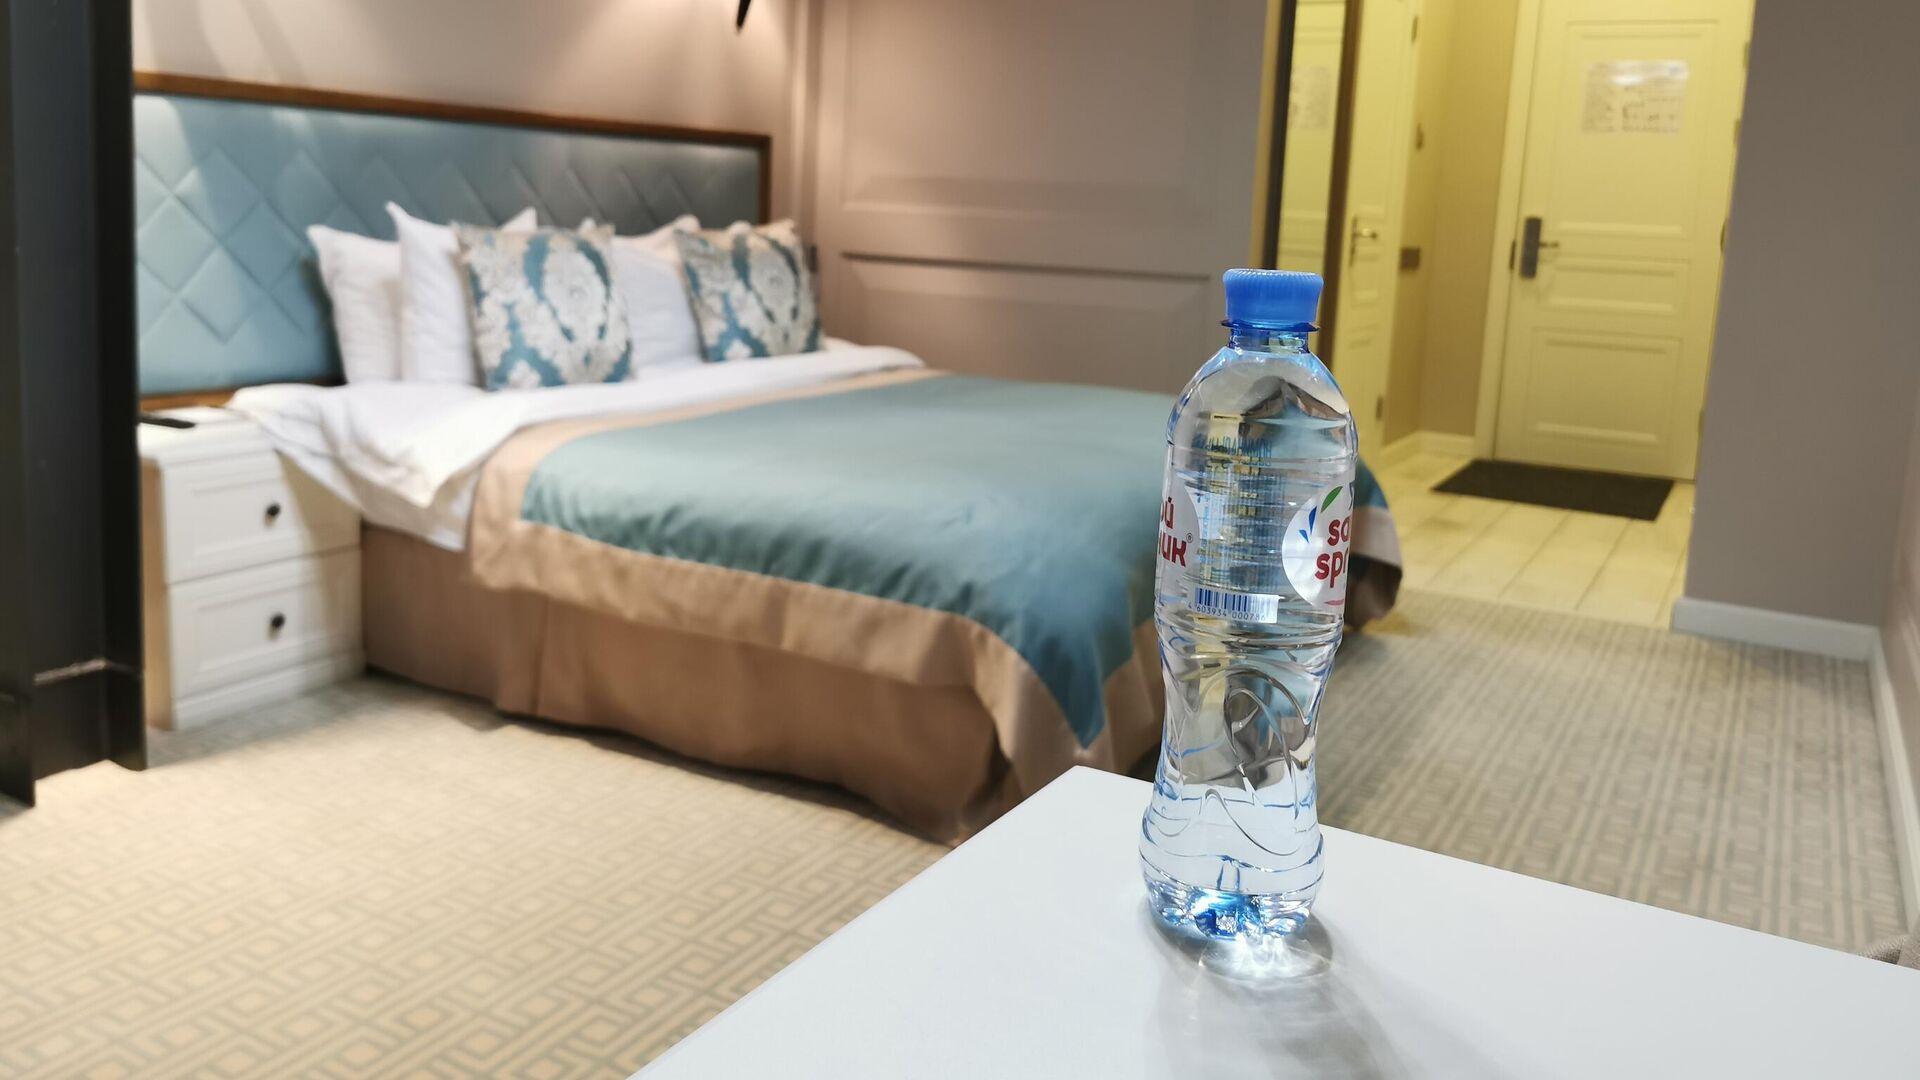 Бутылка воды на столике в номере 239 гостиницы Xander Hotel в Томске - РИА Новости, 1920, 08.10.2020